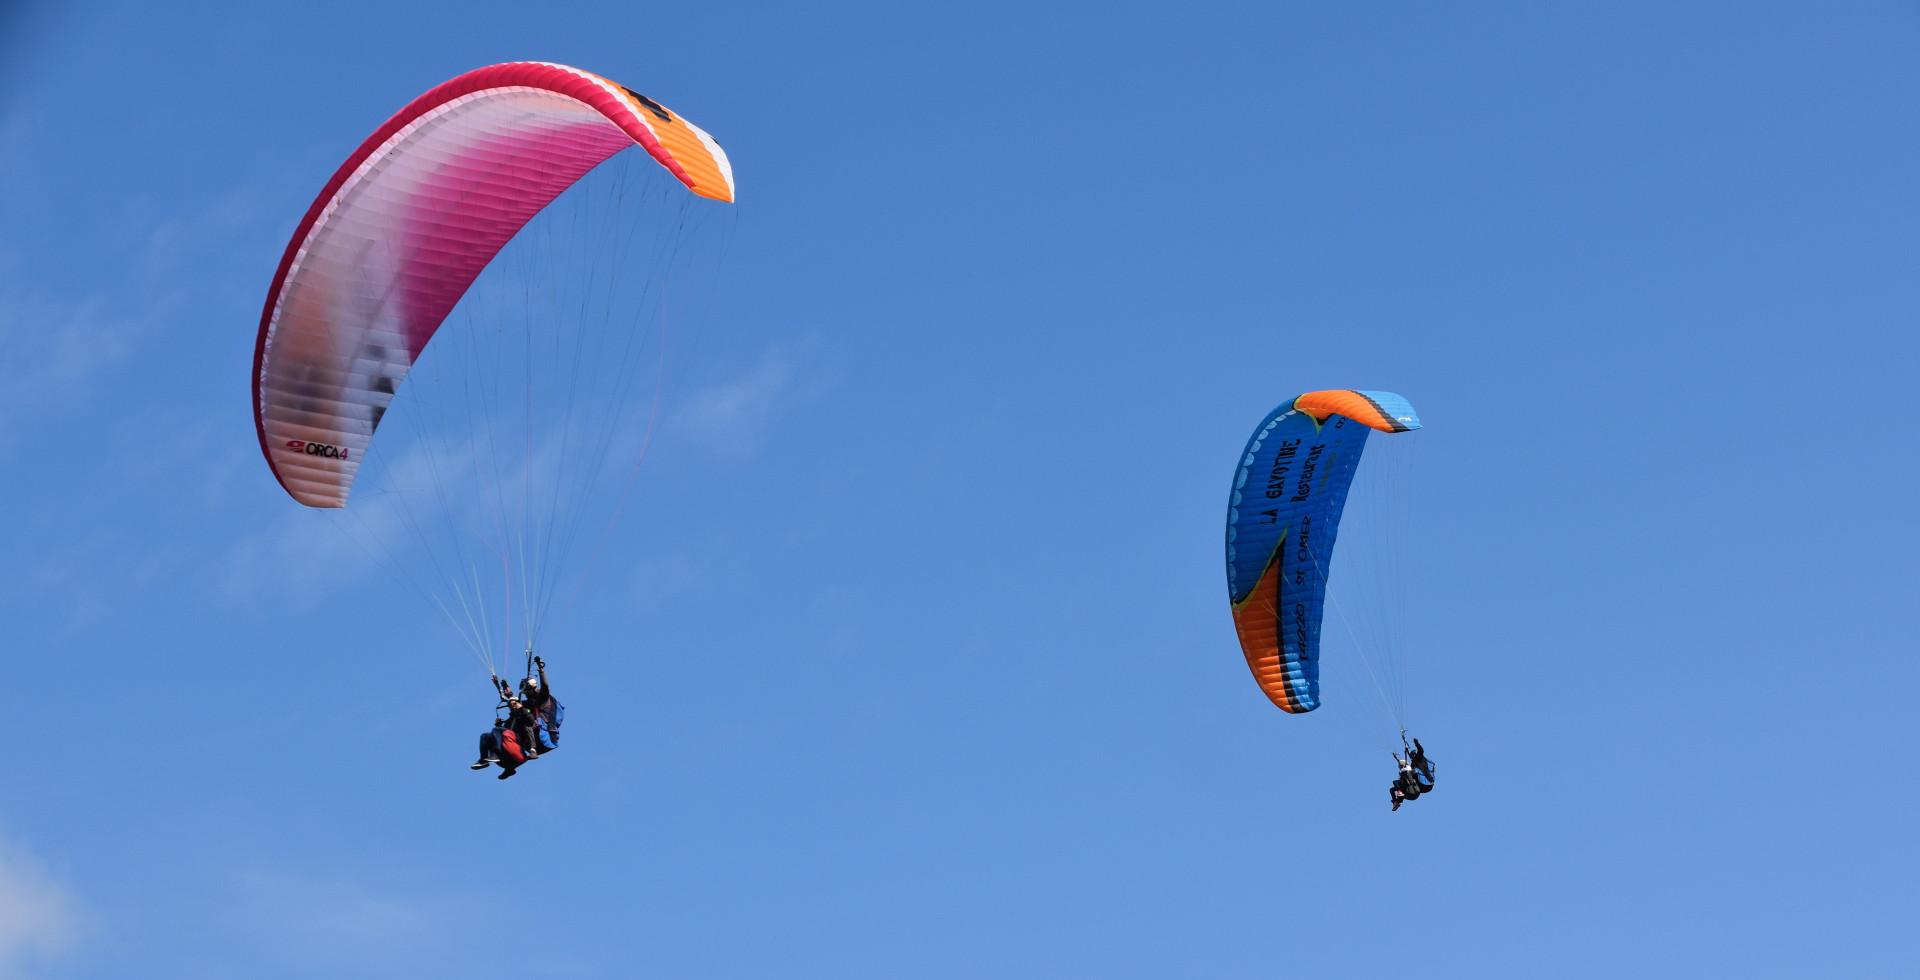 Volo simultaneo per coppie in parapendio biposto nella Valle del Serchio